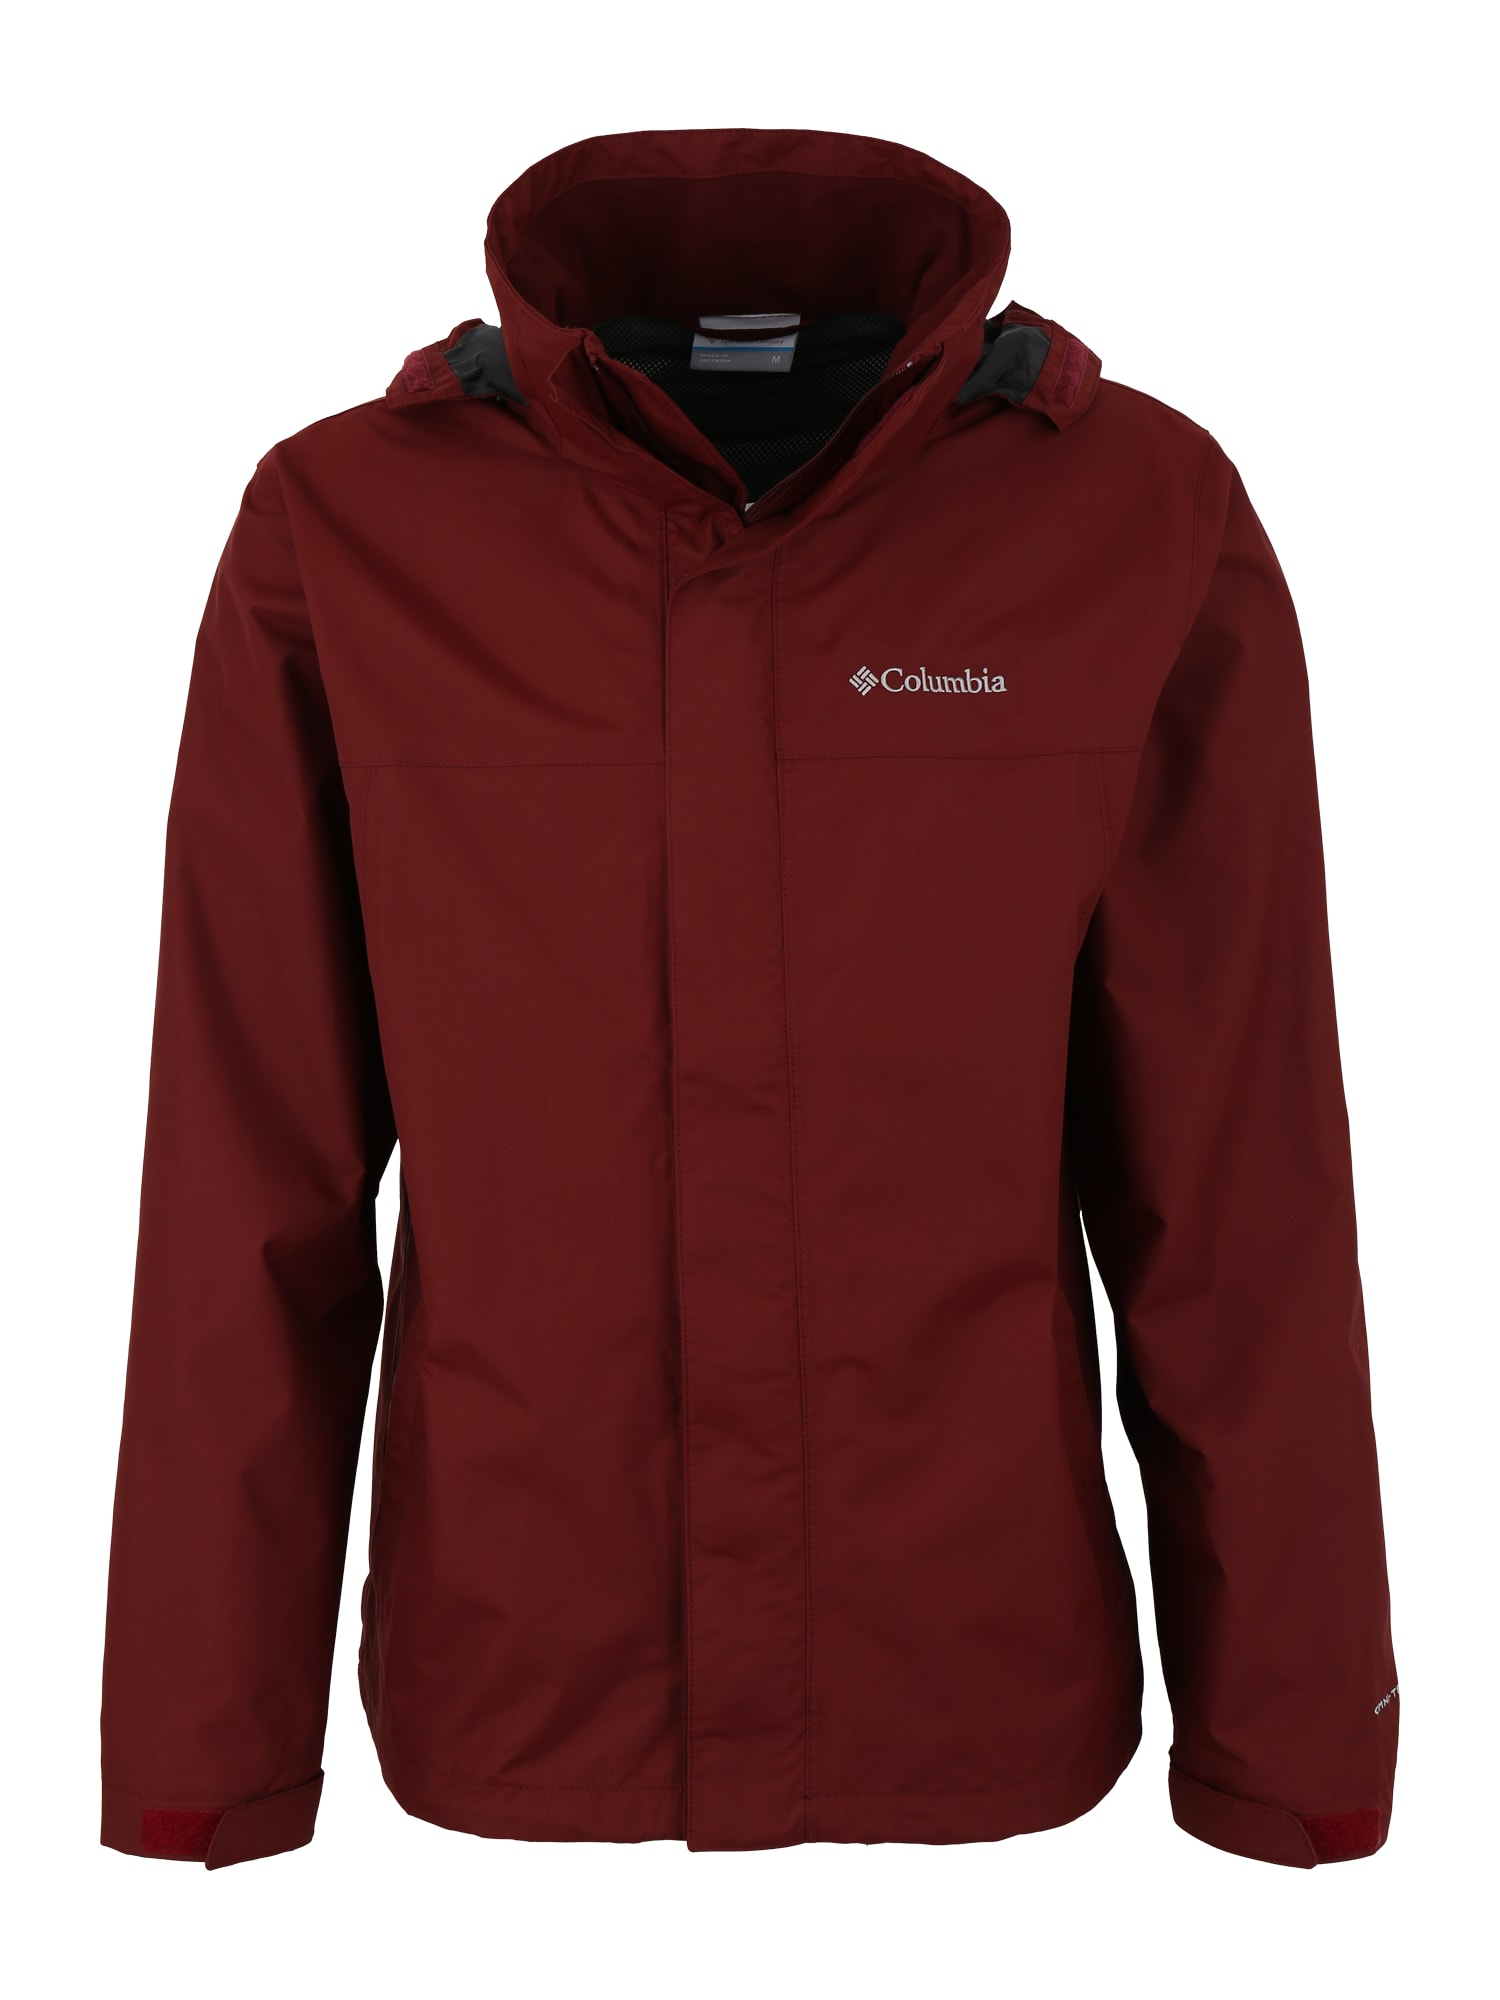 Outdoorová bunda Timothy Lake Jacket vínově červená COLUMBIA